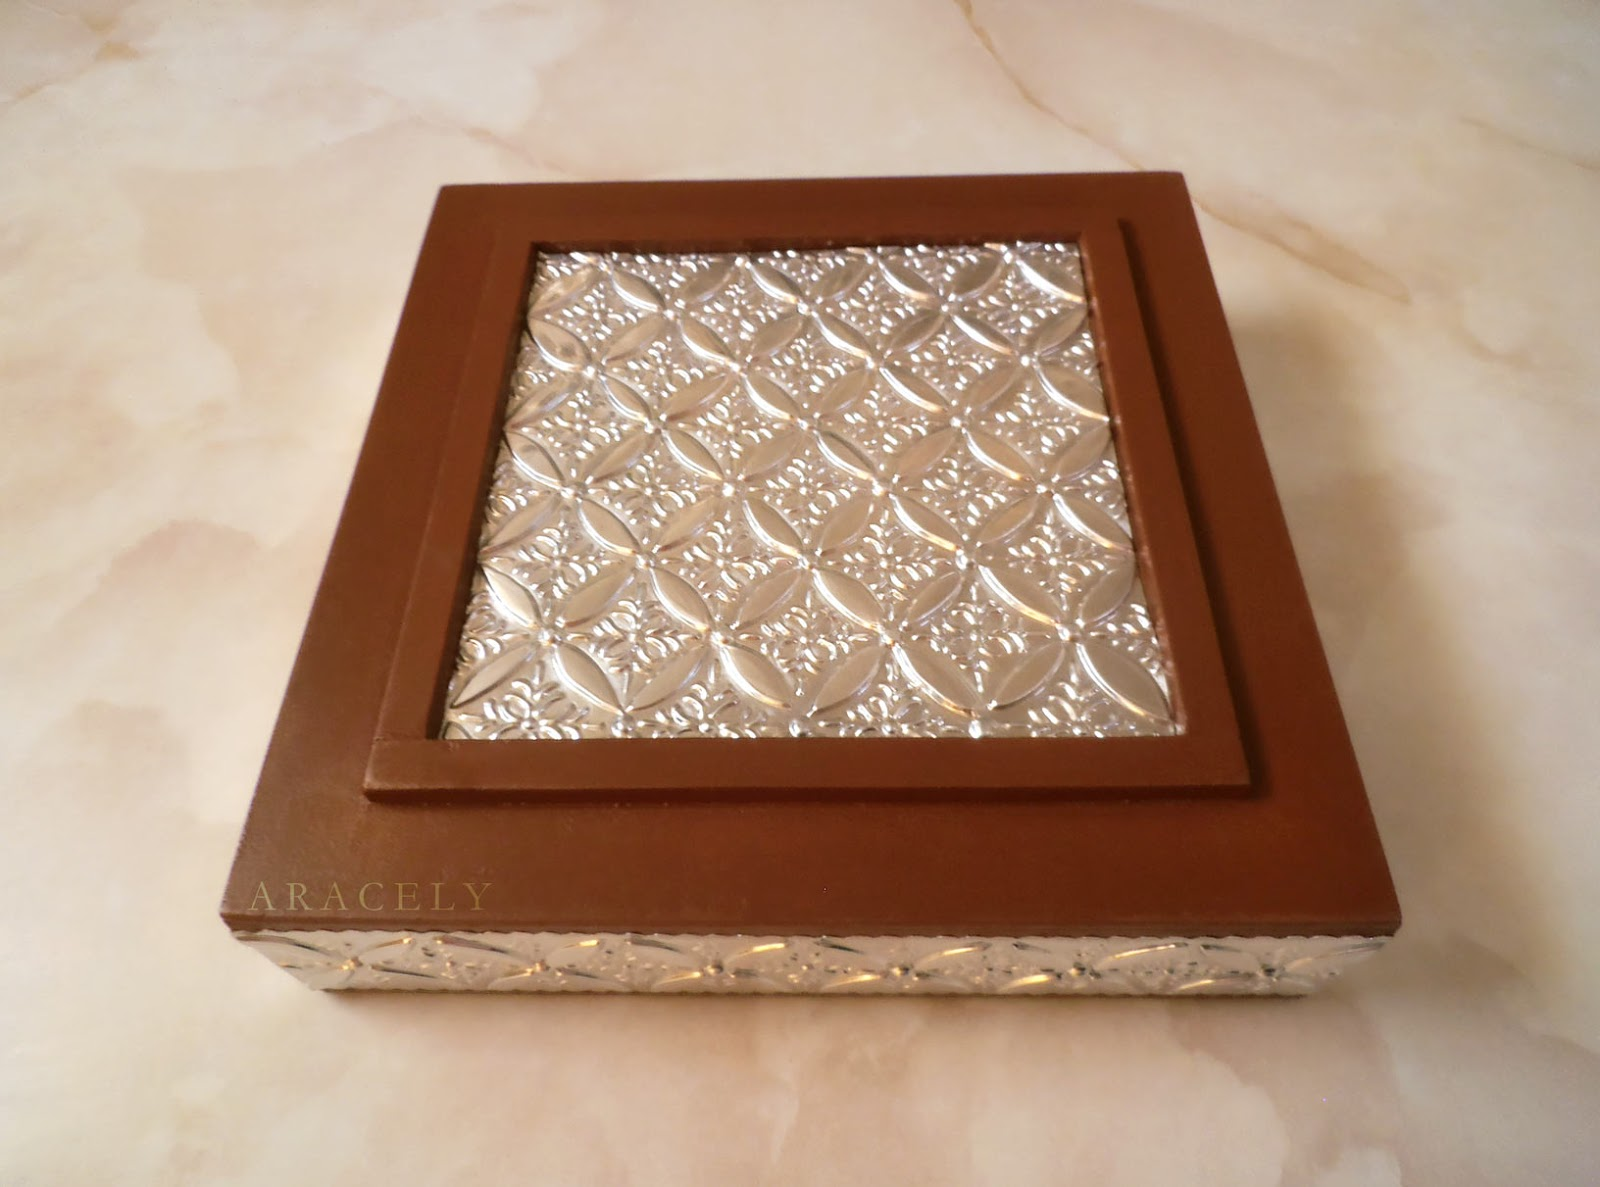 Caja con repujado en aluminio, a una amiga